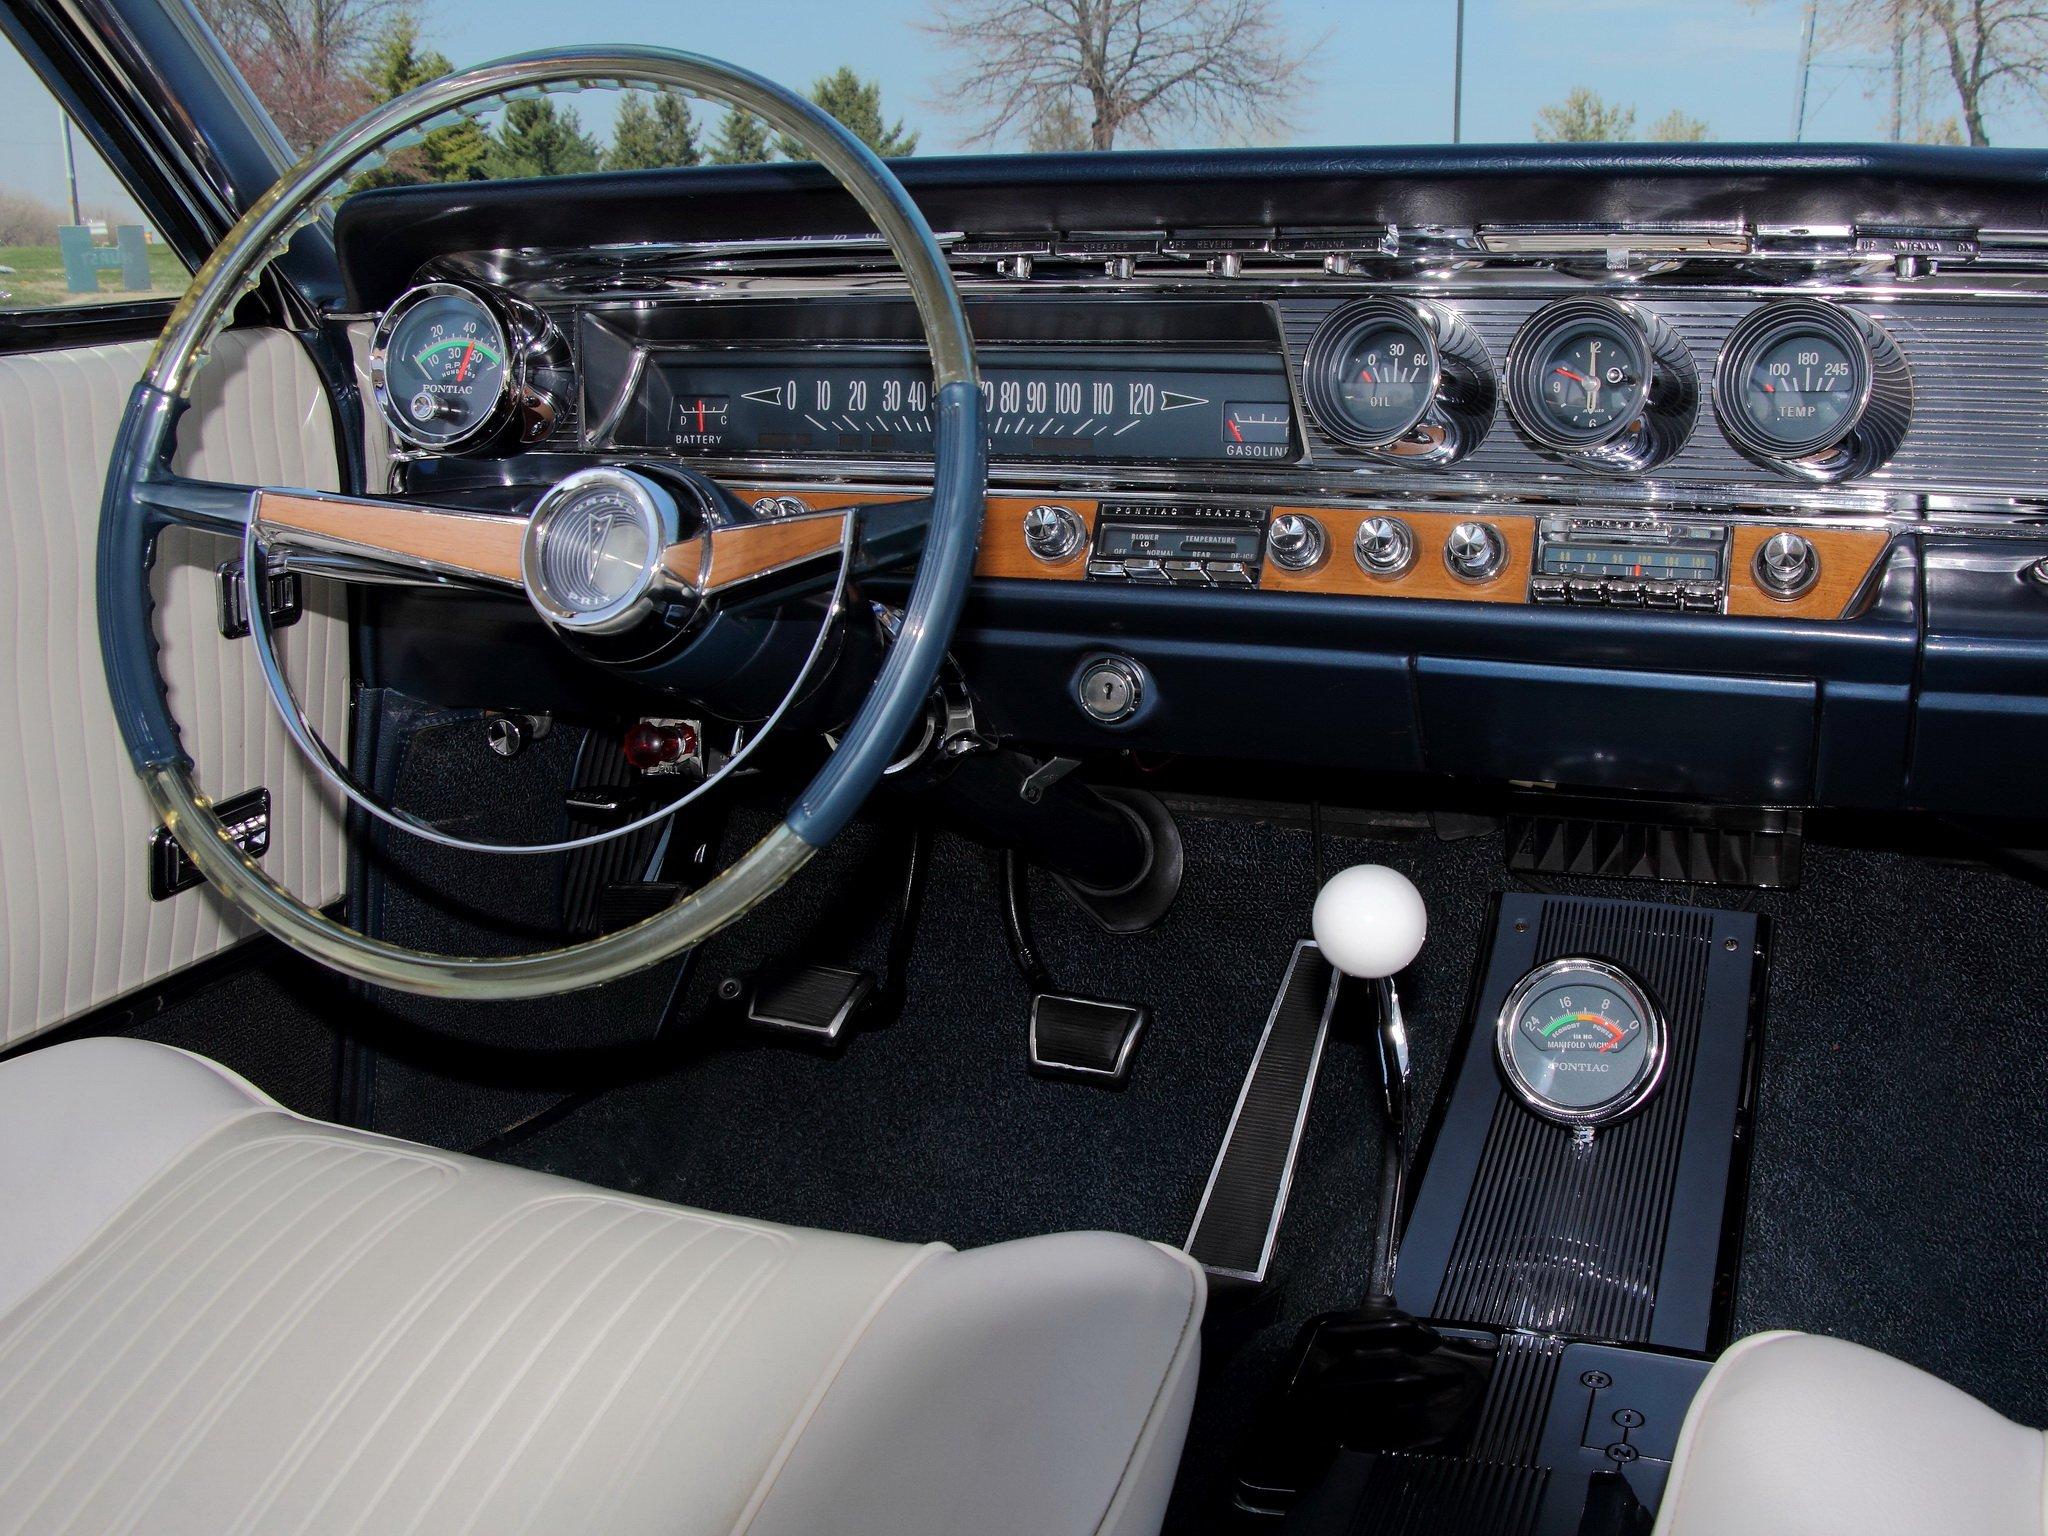 1964 Pontiac Grand Prix 2957 Classic Interior F Wallpaper 2048x1536 357263 Wallpaperup